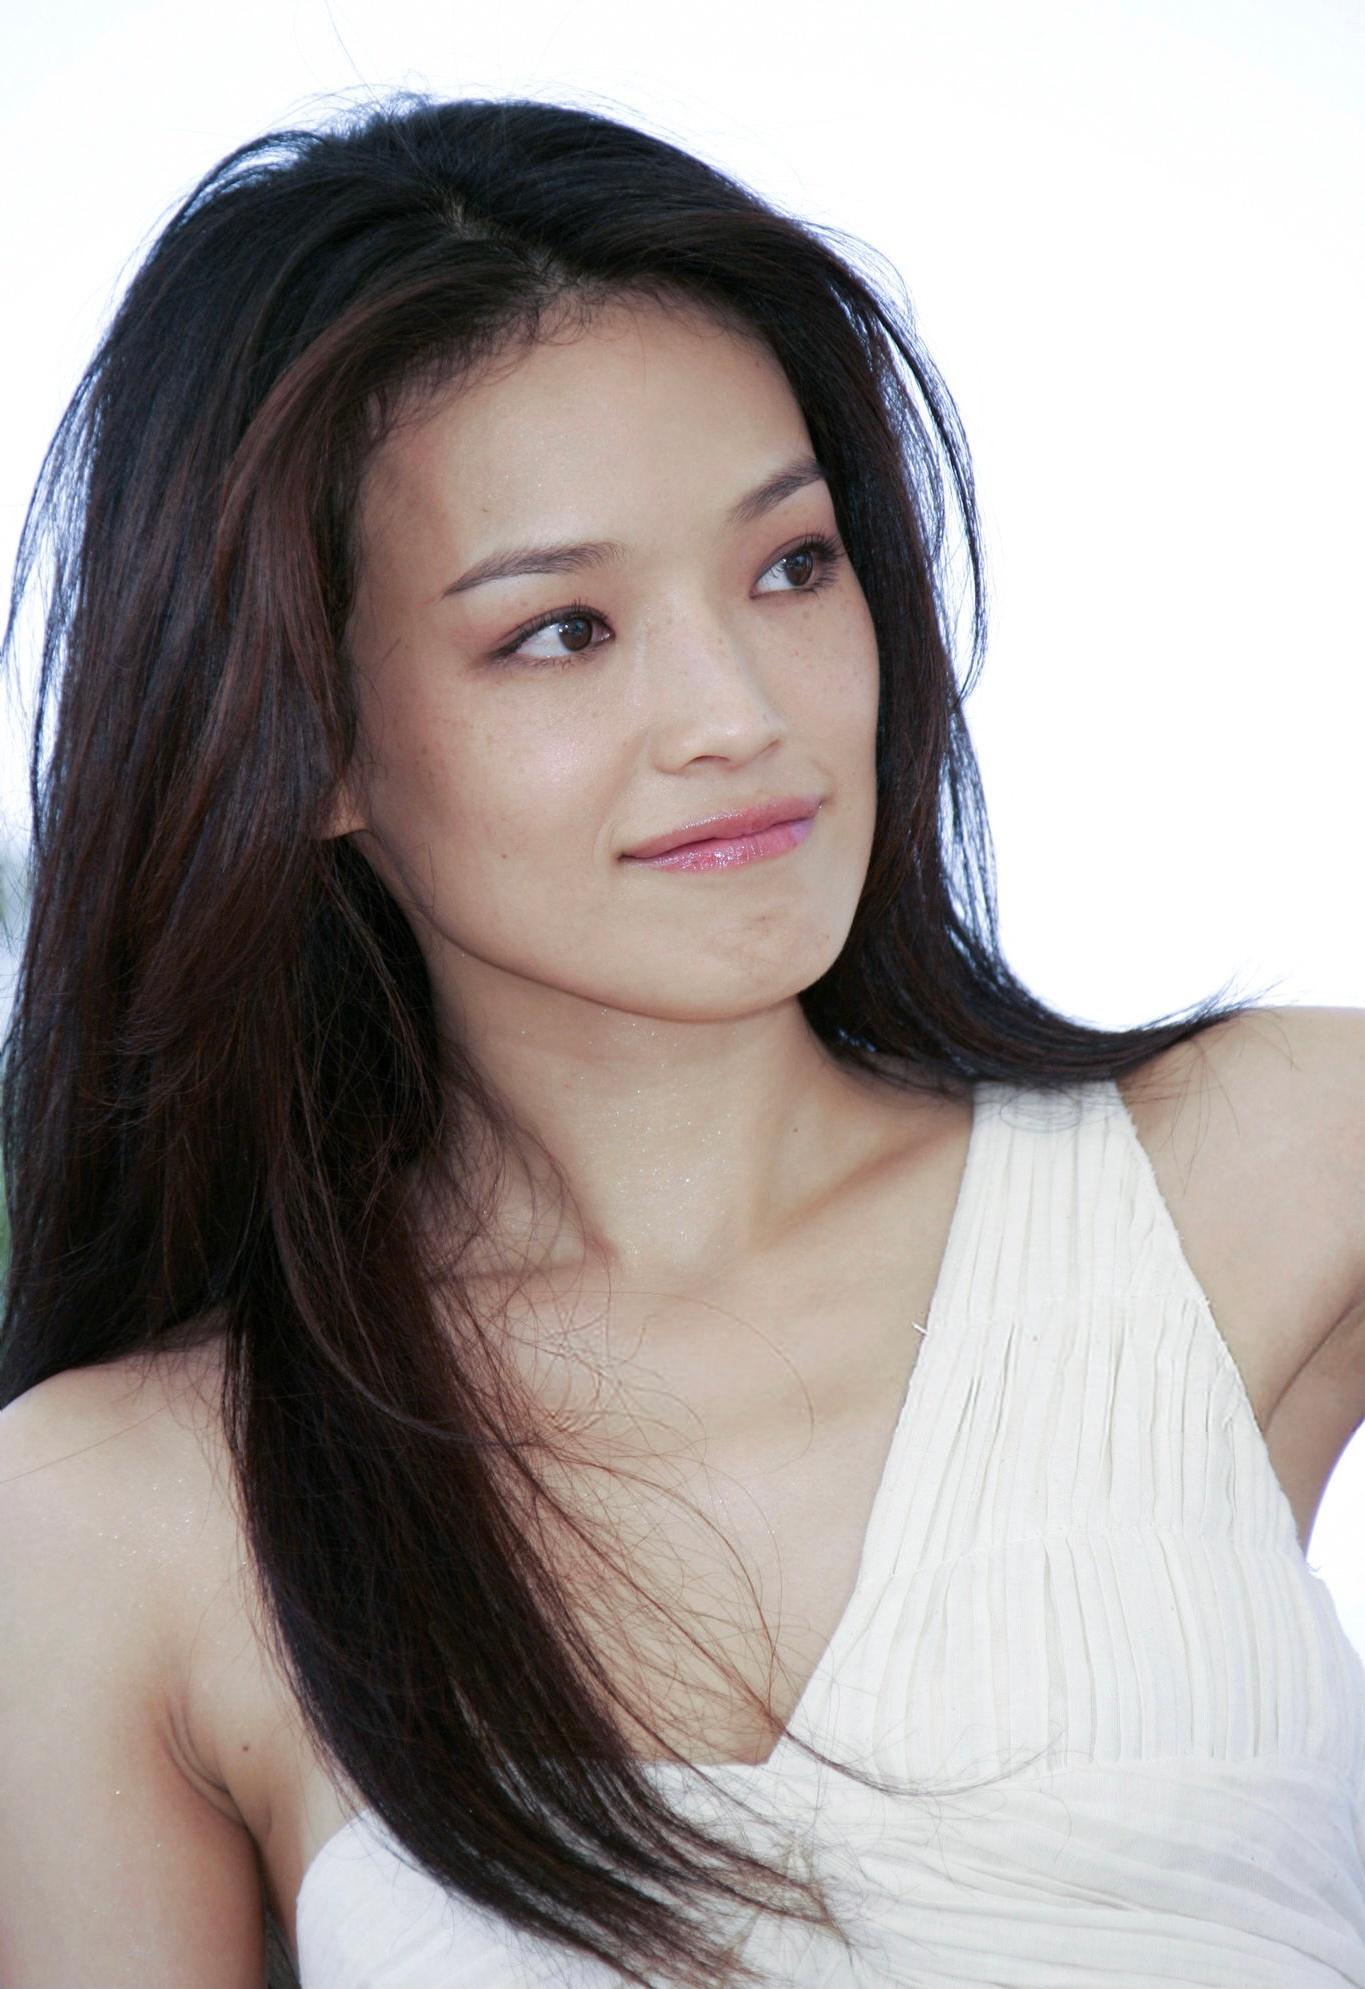 2005年 出席戛纳电影节,在媒体见面会上身穿白色半肩长裙……